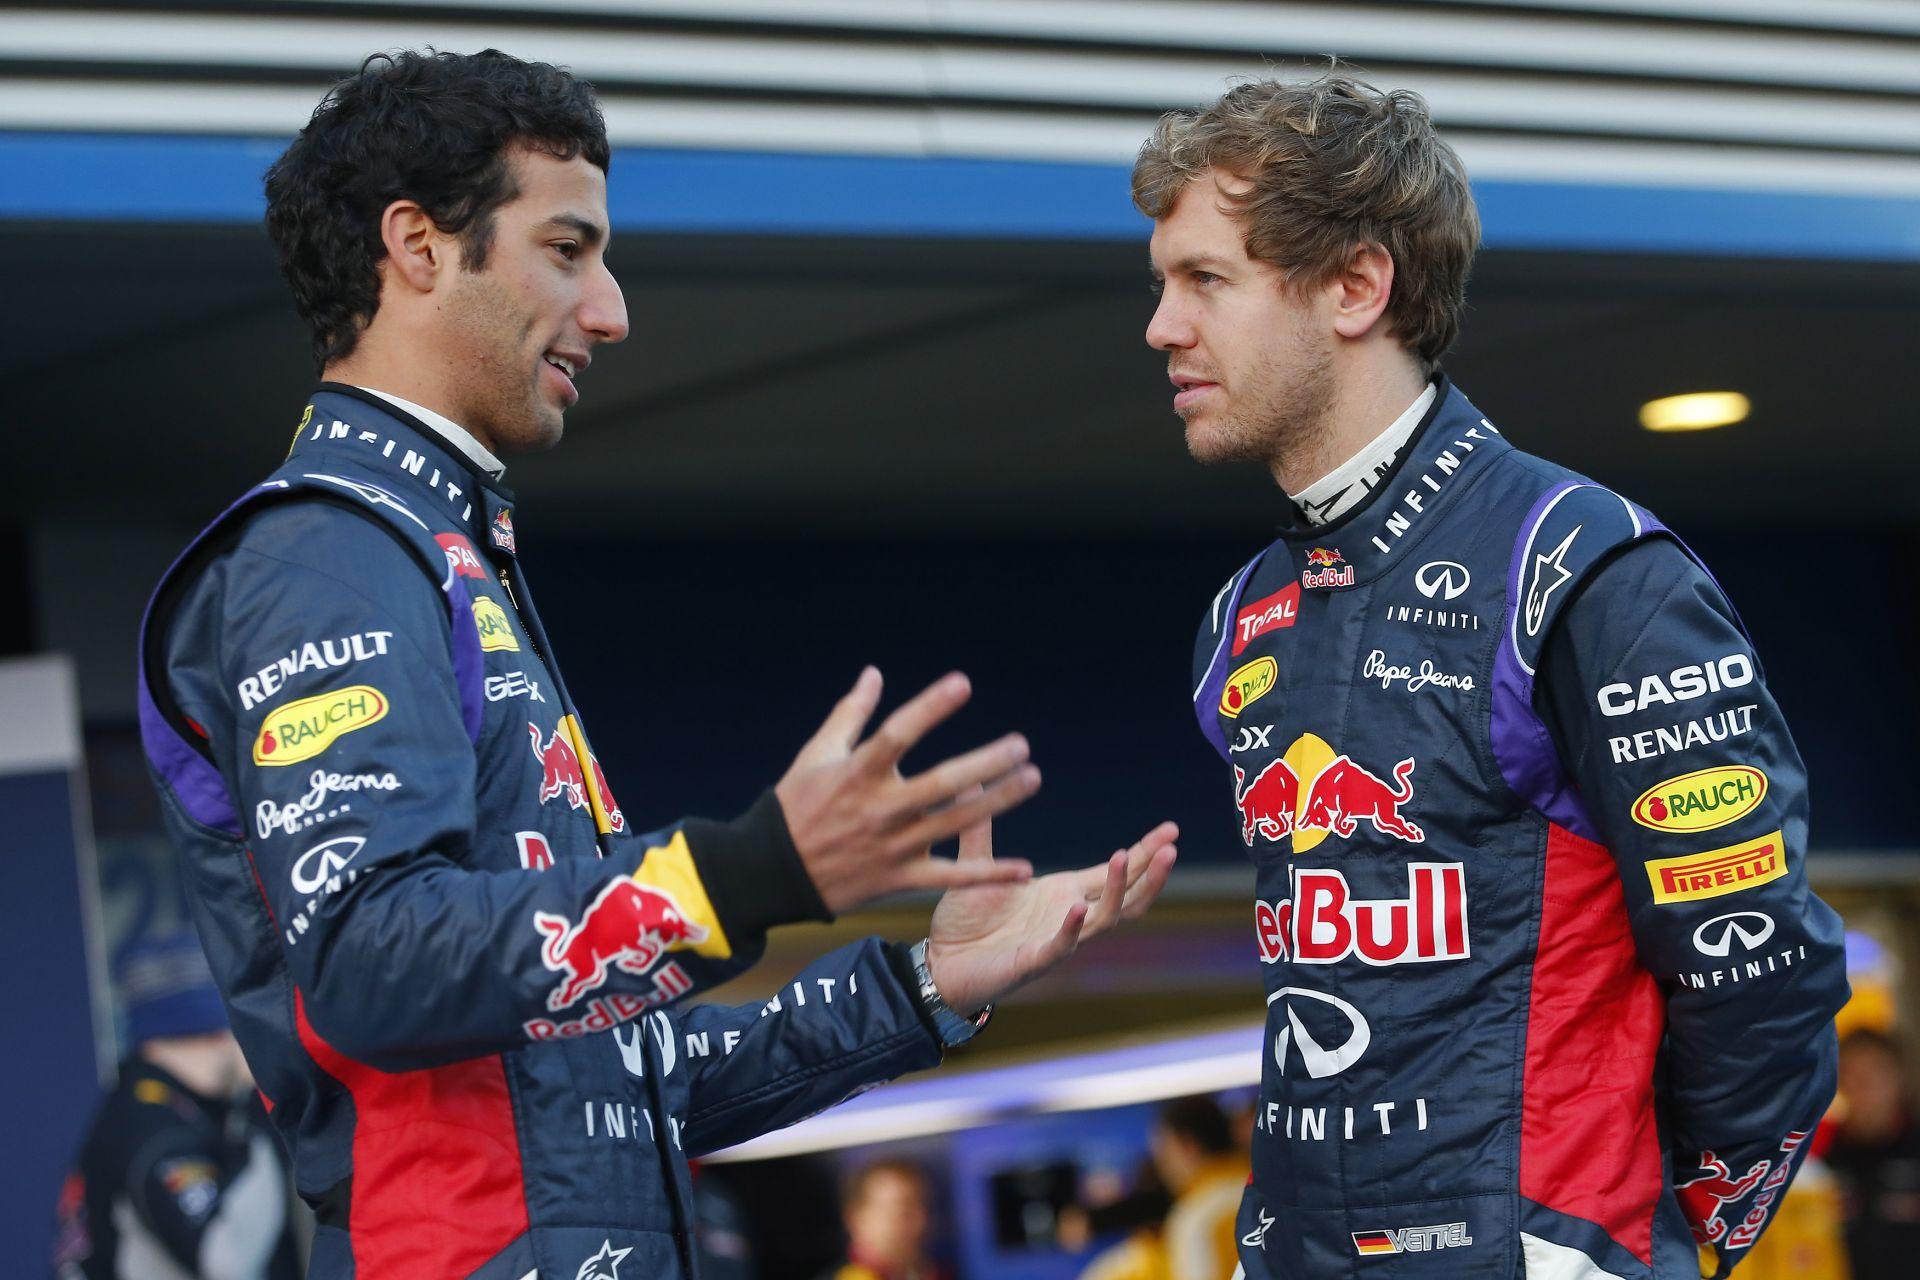 Vettel nem lehet túl büszke, különben már az első évében kikaphat Ricciardótól